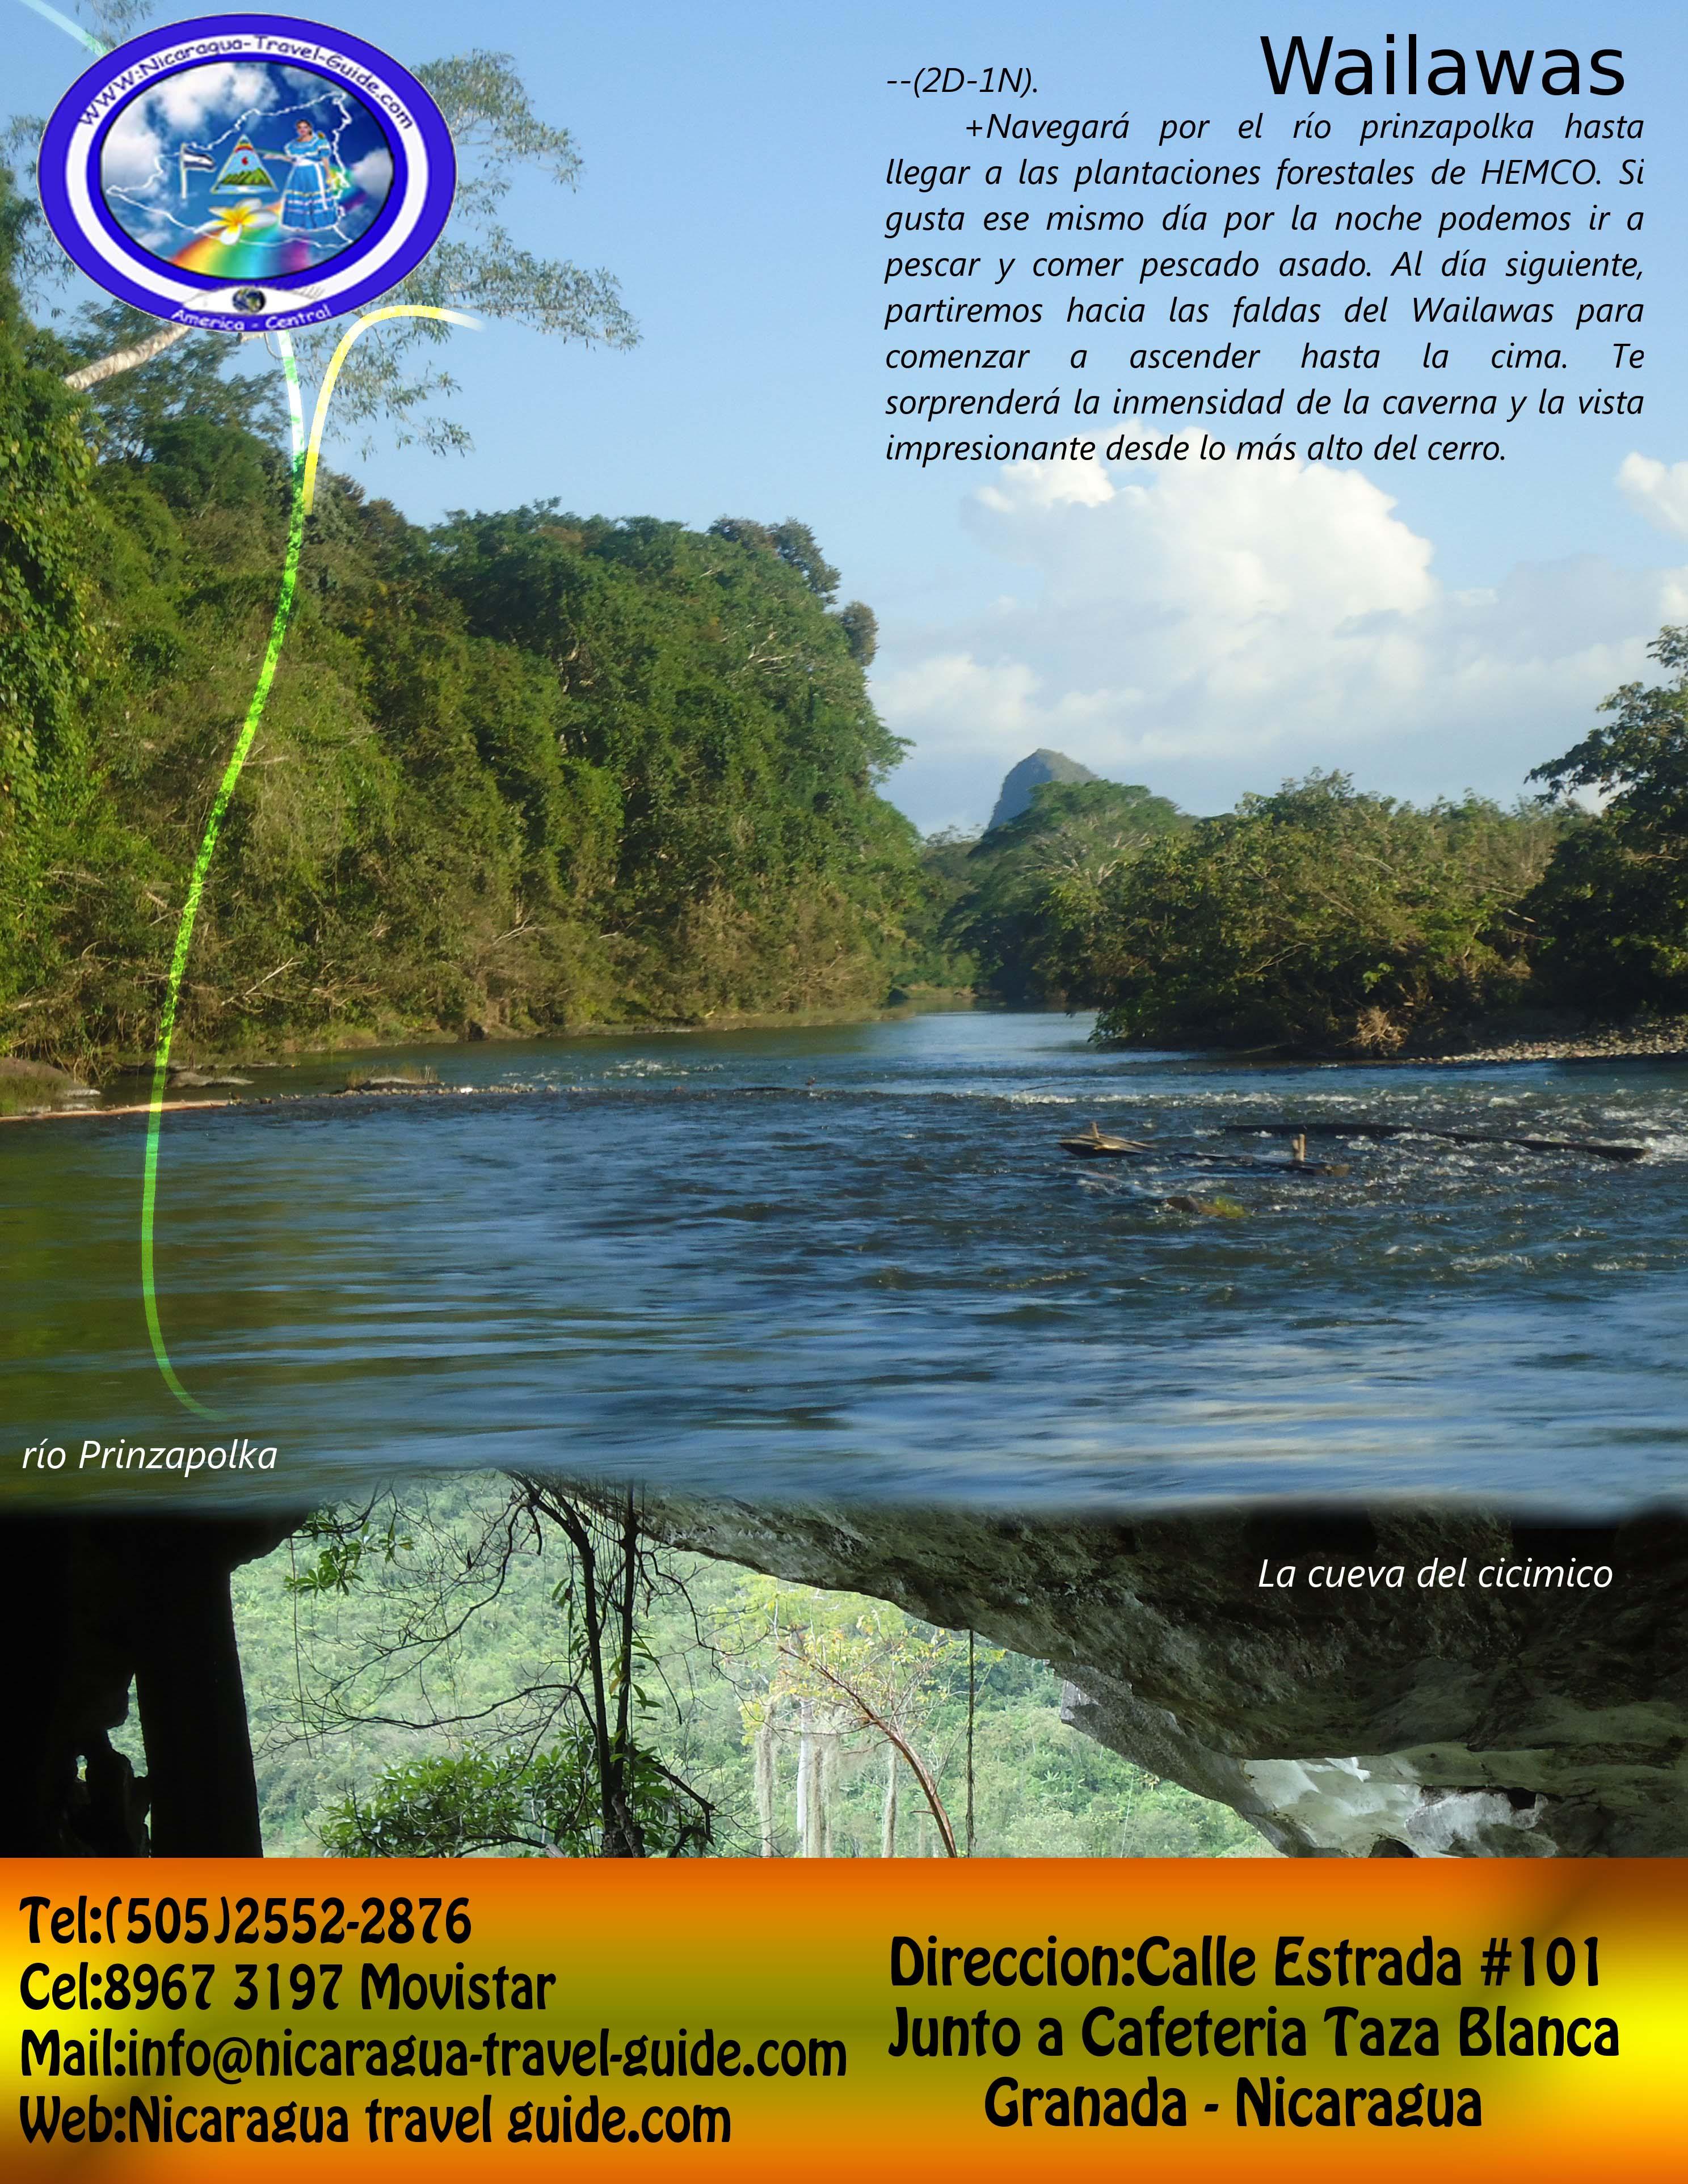 nicaragua travel guide region atlantico norte de nicaragua tour wailwas siuna